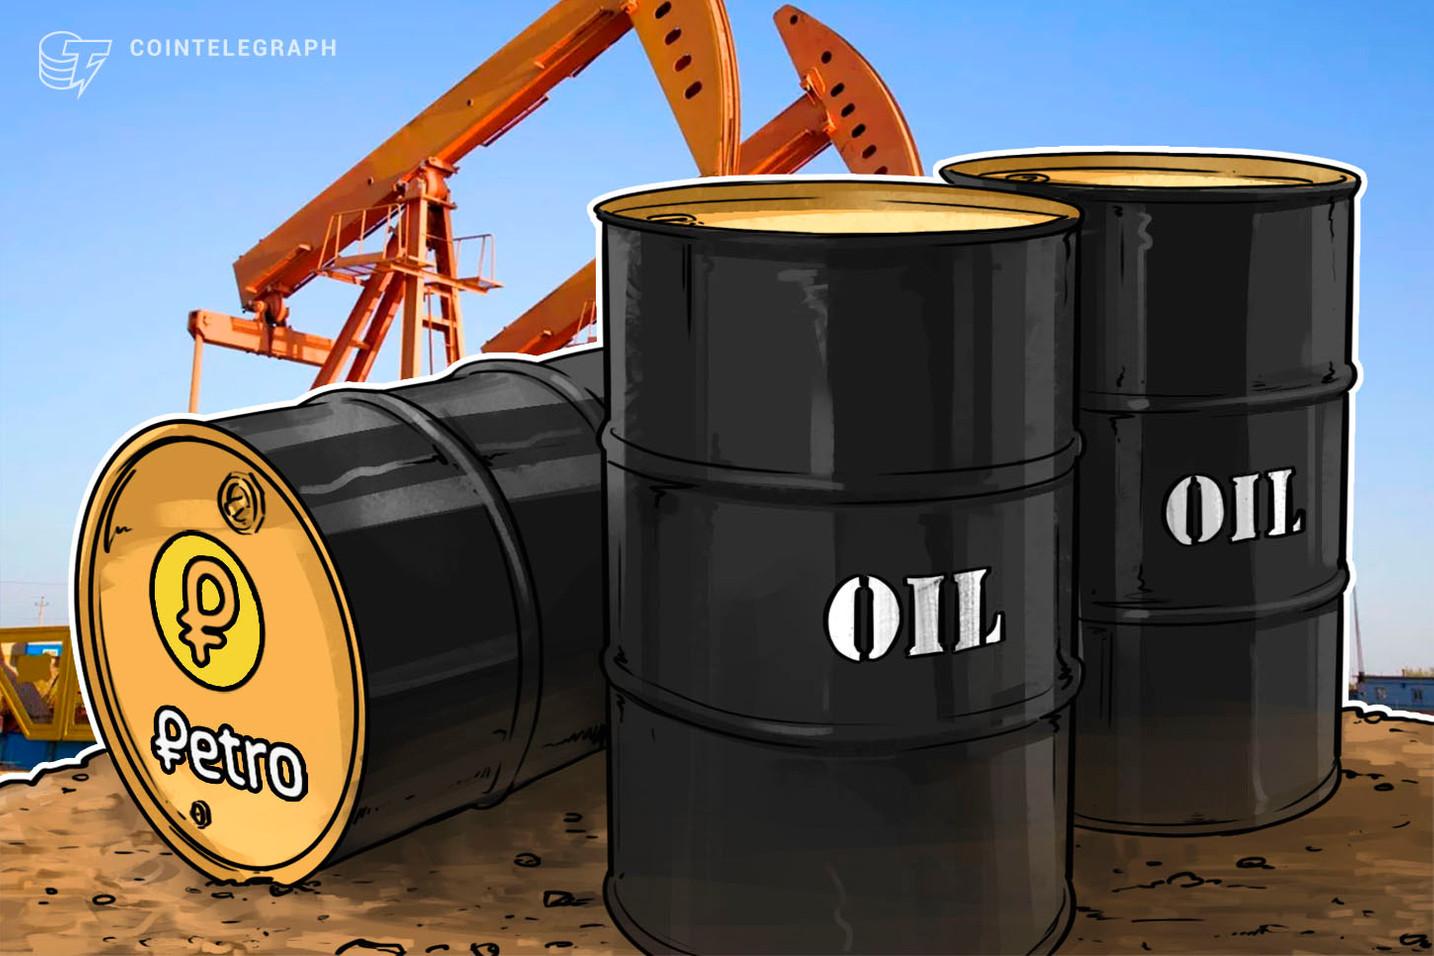 ベネズエラ、官製仮想通貨ペトロ購入で原油を30%割引くとインドに提案